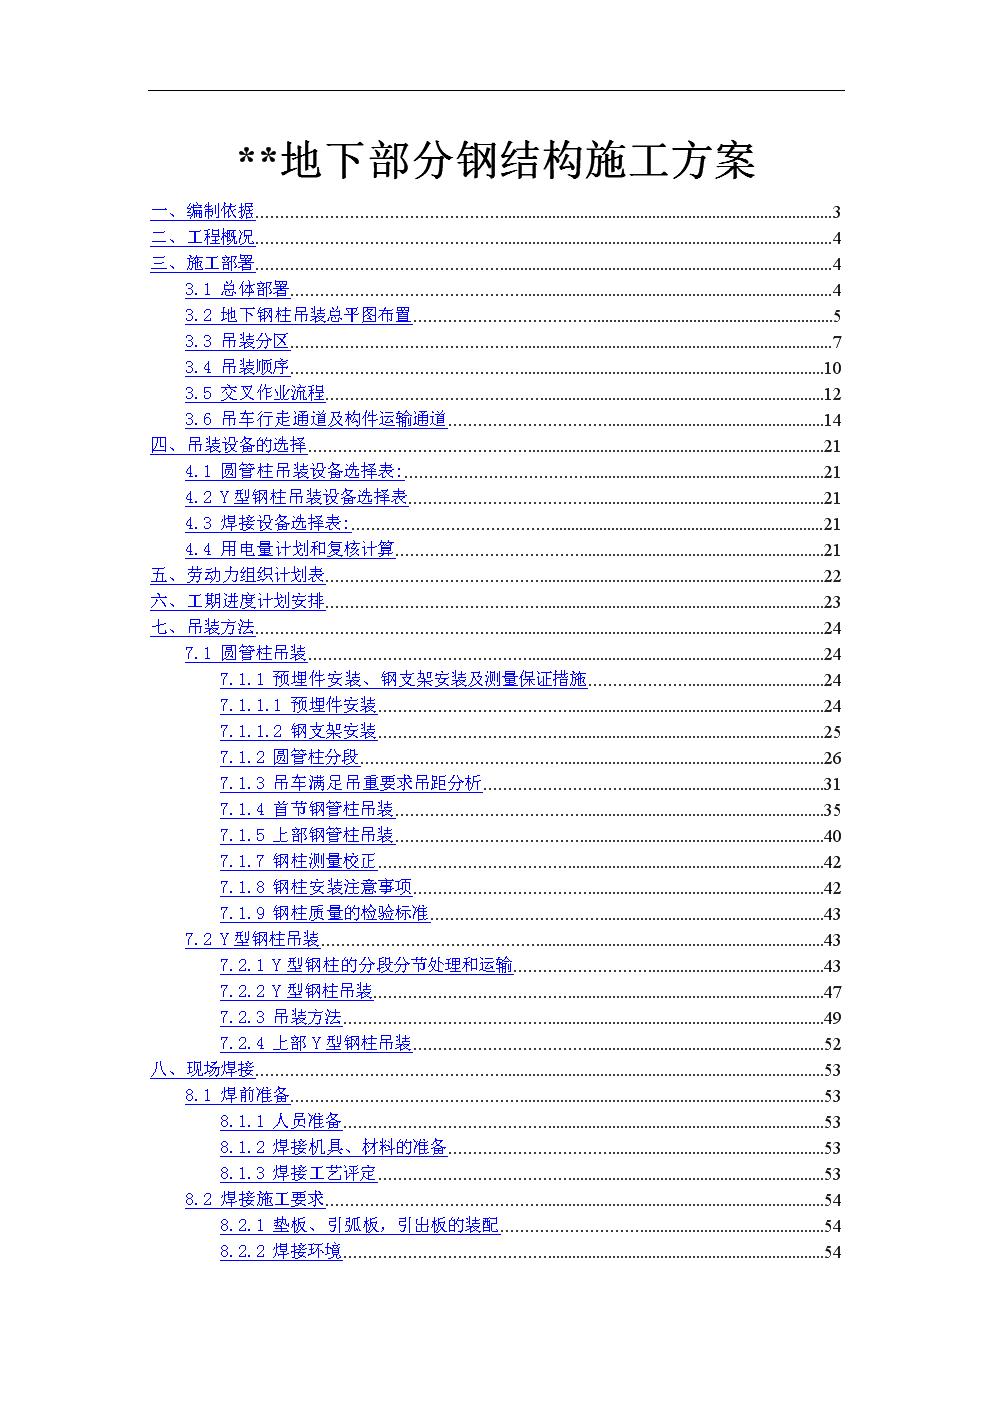 火车站地下结构钢柱吊装施工方案(圆管柱 y型钢柱).doc